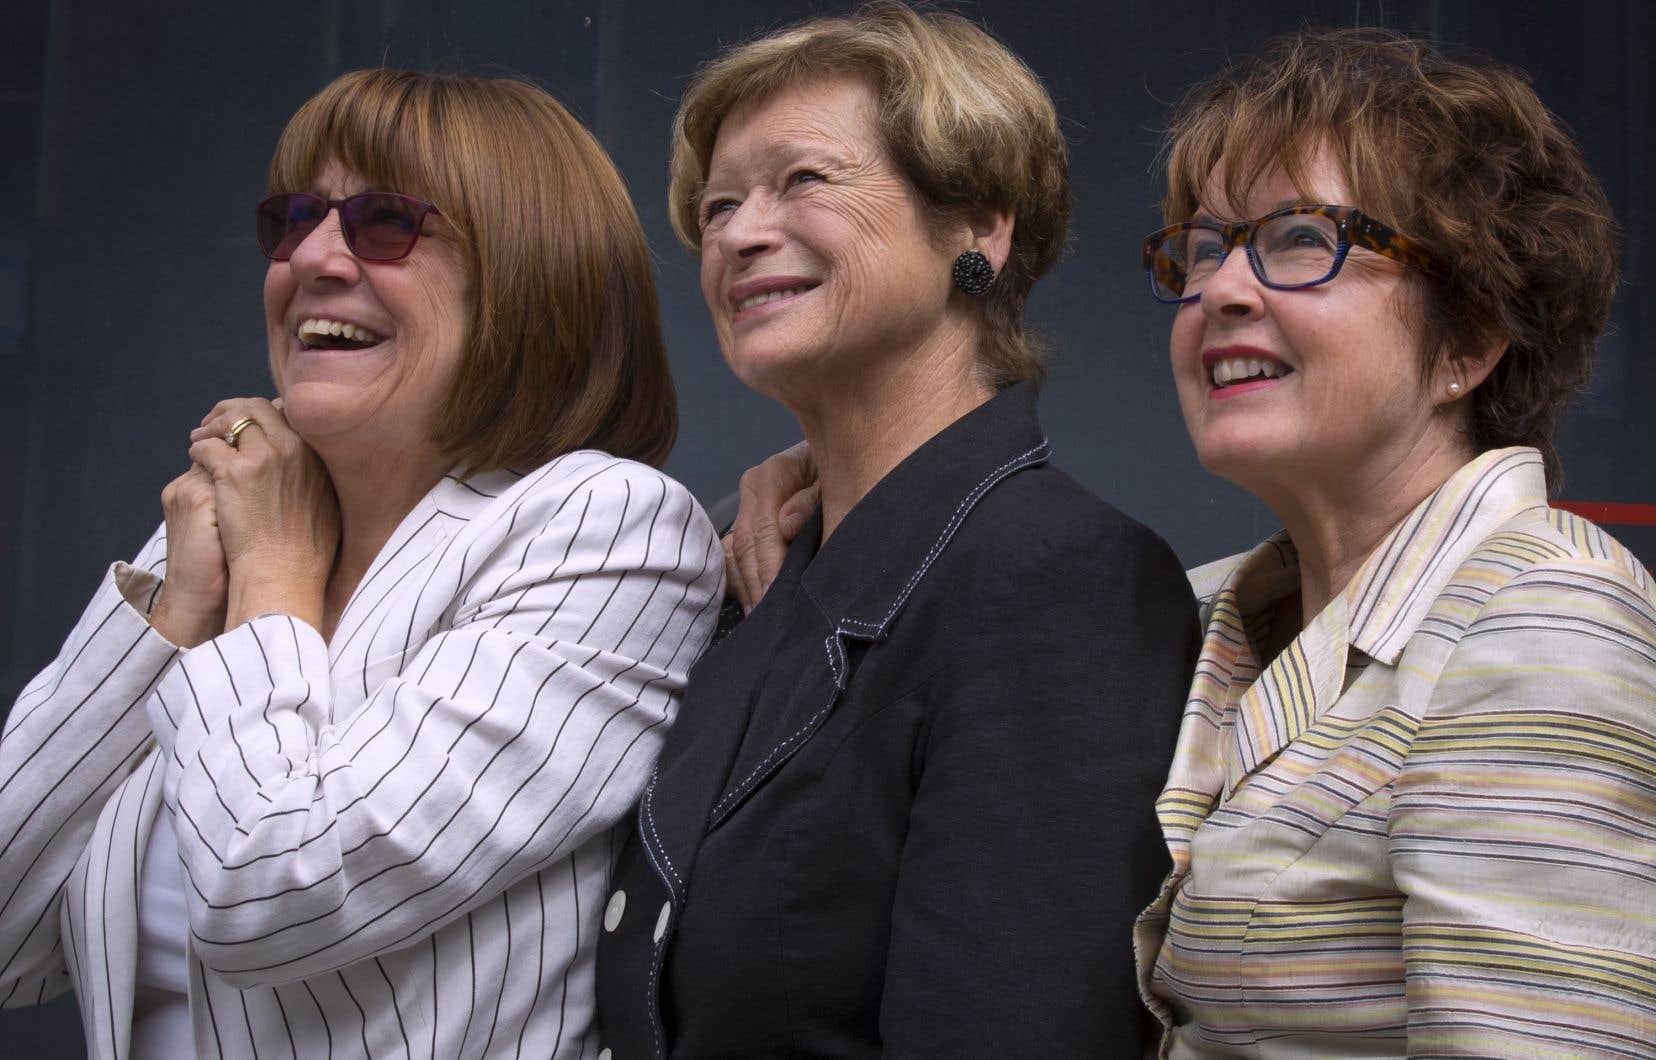 Les anciennes élues québécoises à la source de l'initiative réclamant une loi sur la parité: Christiane Pelchat, Marie Malavoy et Carole Théberge (de gauche à droite)